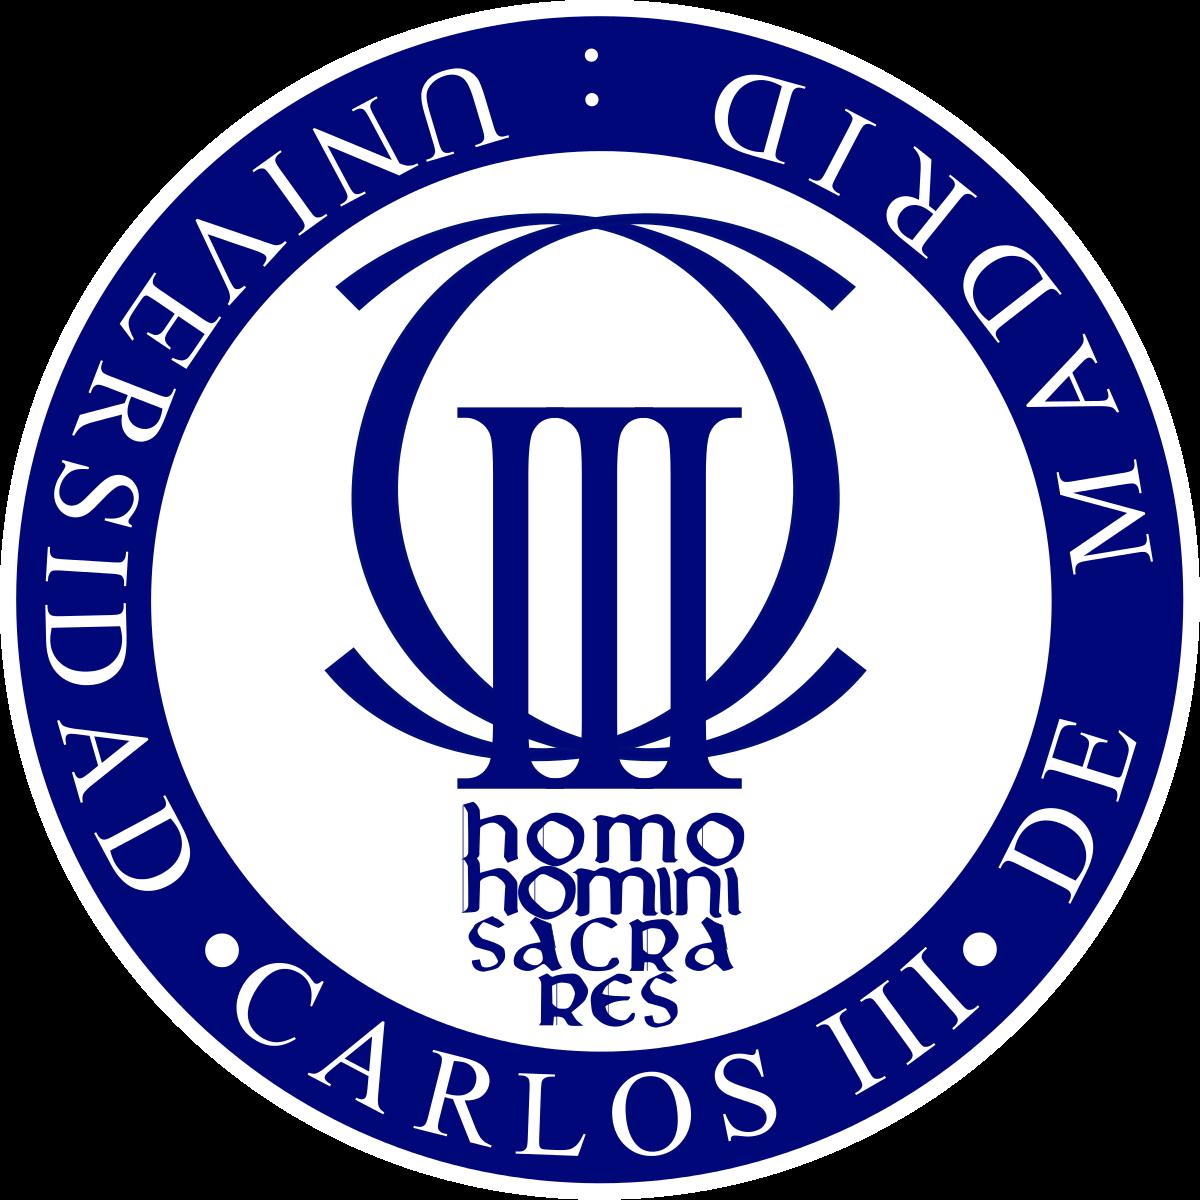 UNIVERSIDAD CARLOS III LOGO